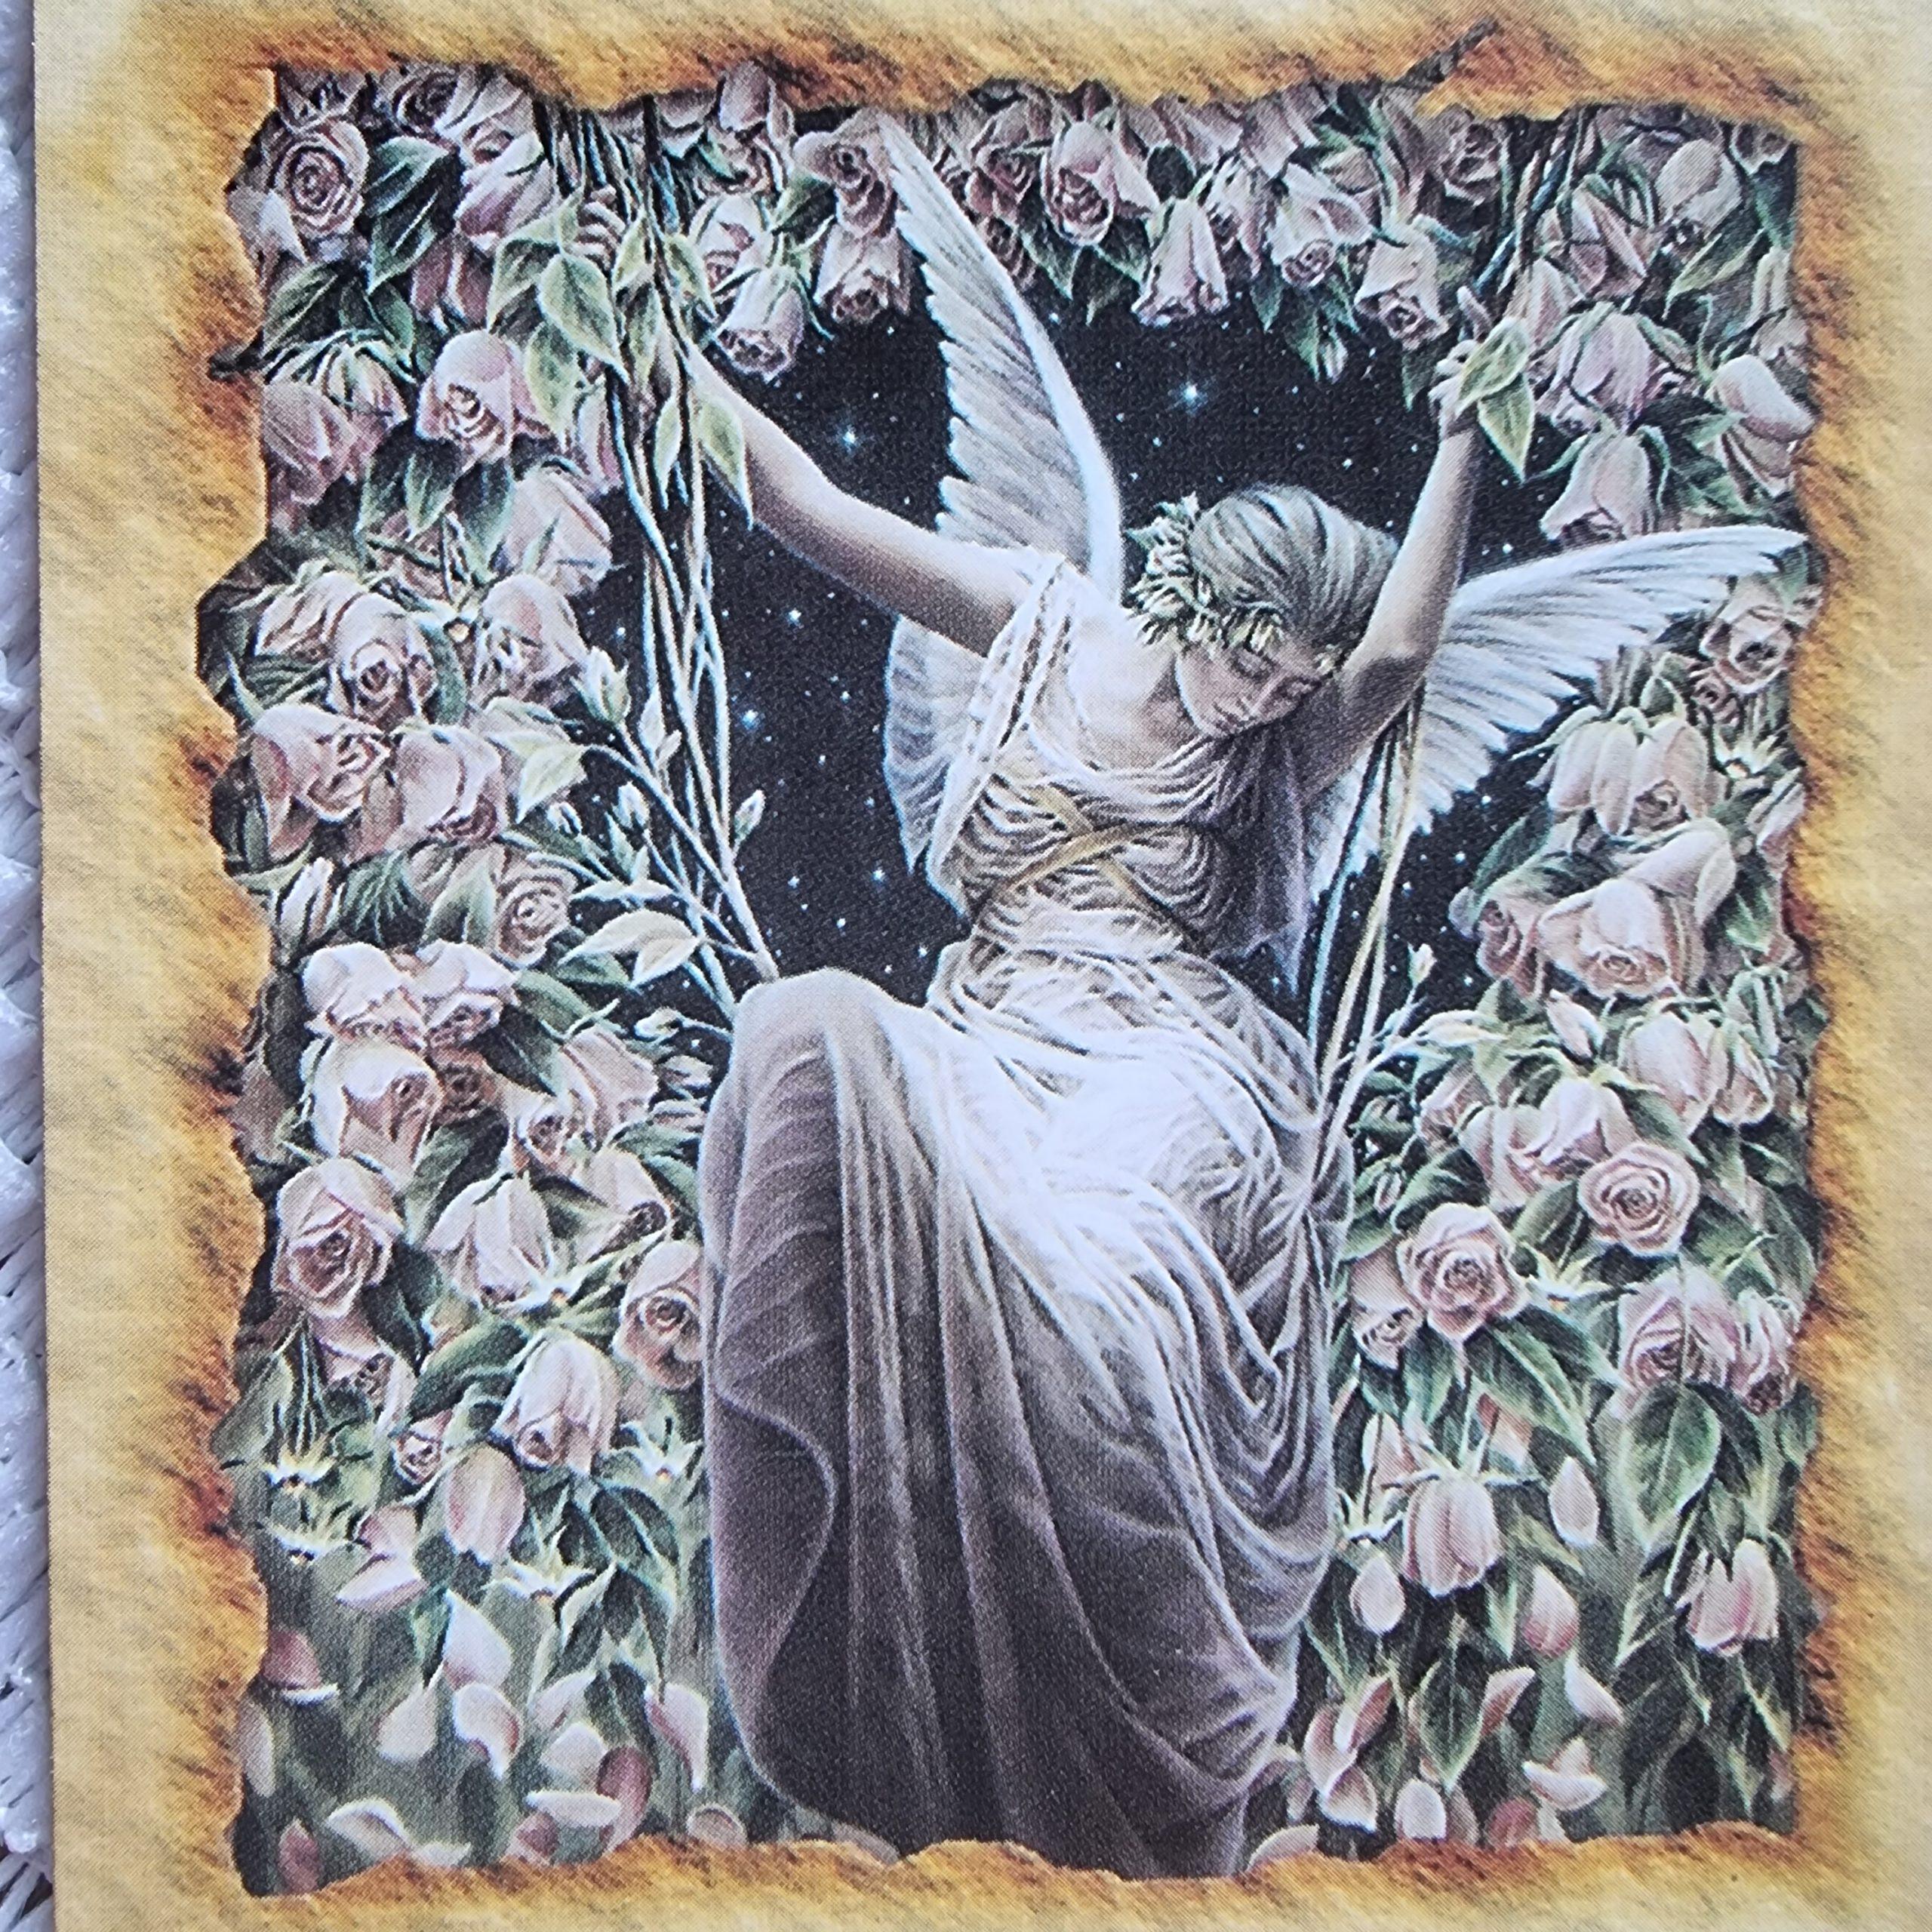 vidinis pasaulis, vidinis, jausmai, emocijos, angelams, sveikatos angelu kortos, angelu sveikatos kortos, angelu kortos, kortos, gydantis orakulas, gydancios kortos, karmos korekcija, ciakru apvalymas, gydantis angelu orakulas, bureja, taro, burimai, magija, burtai, angelai